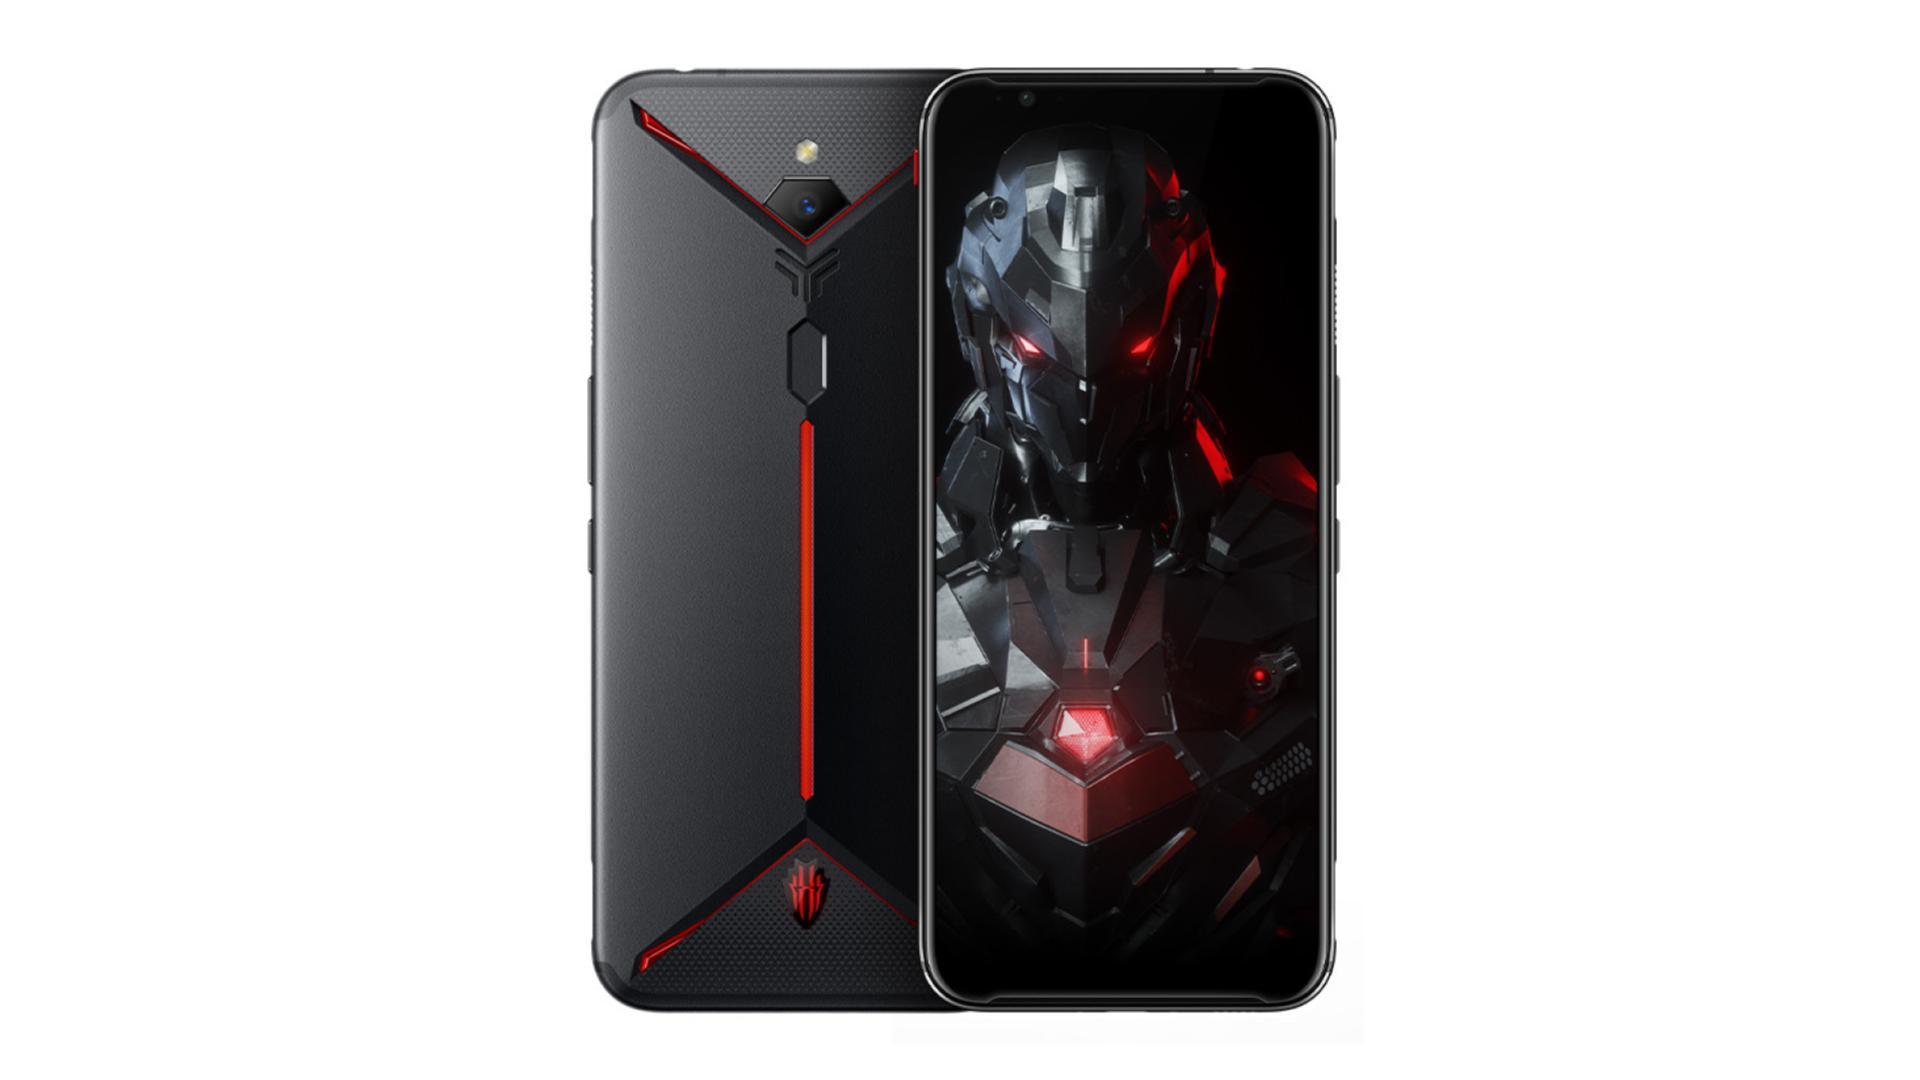 Nubia Red Magic 3S : un Snapdragon 855 Plus avec de l'UFS 3.0 pour rattraper le ROG Phone II